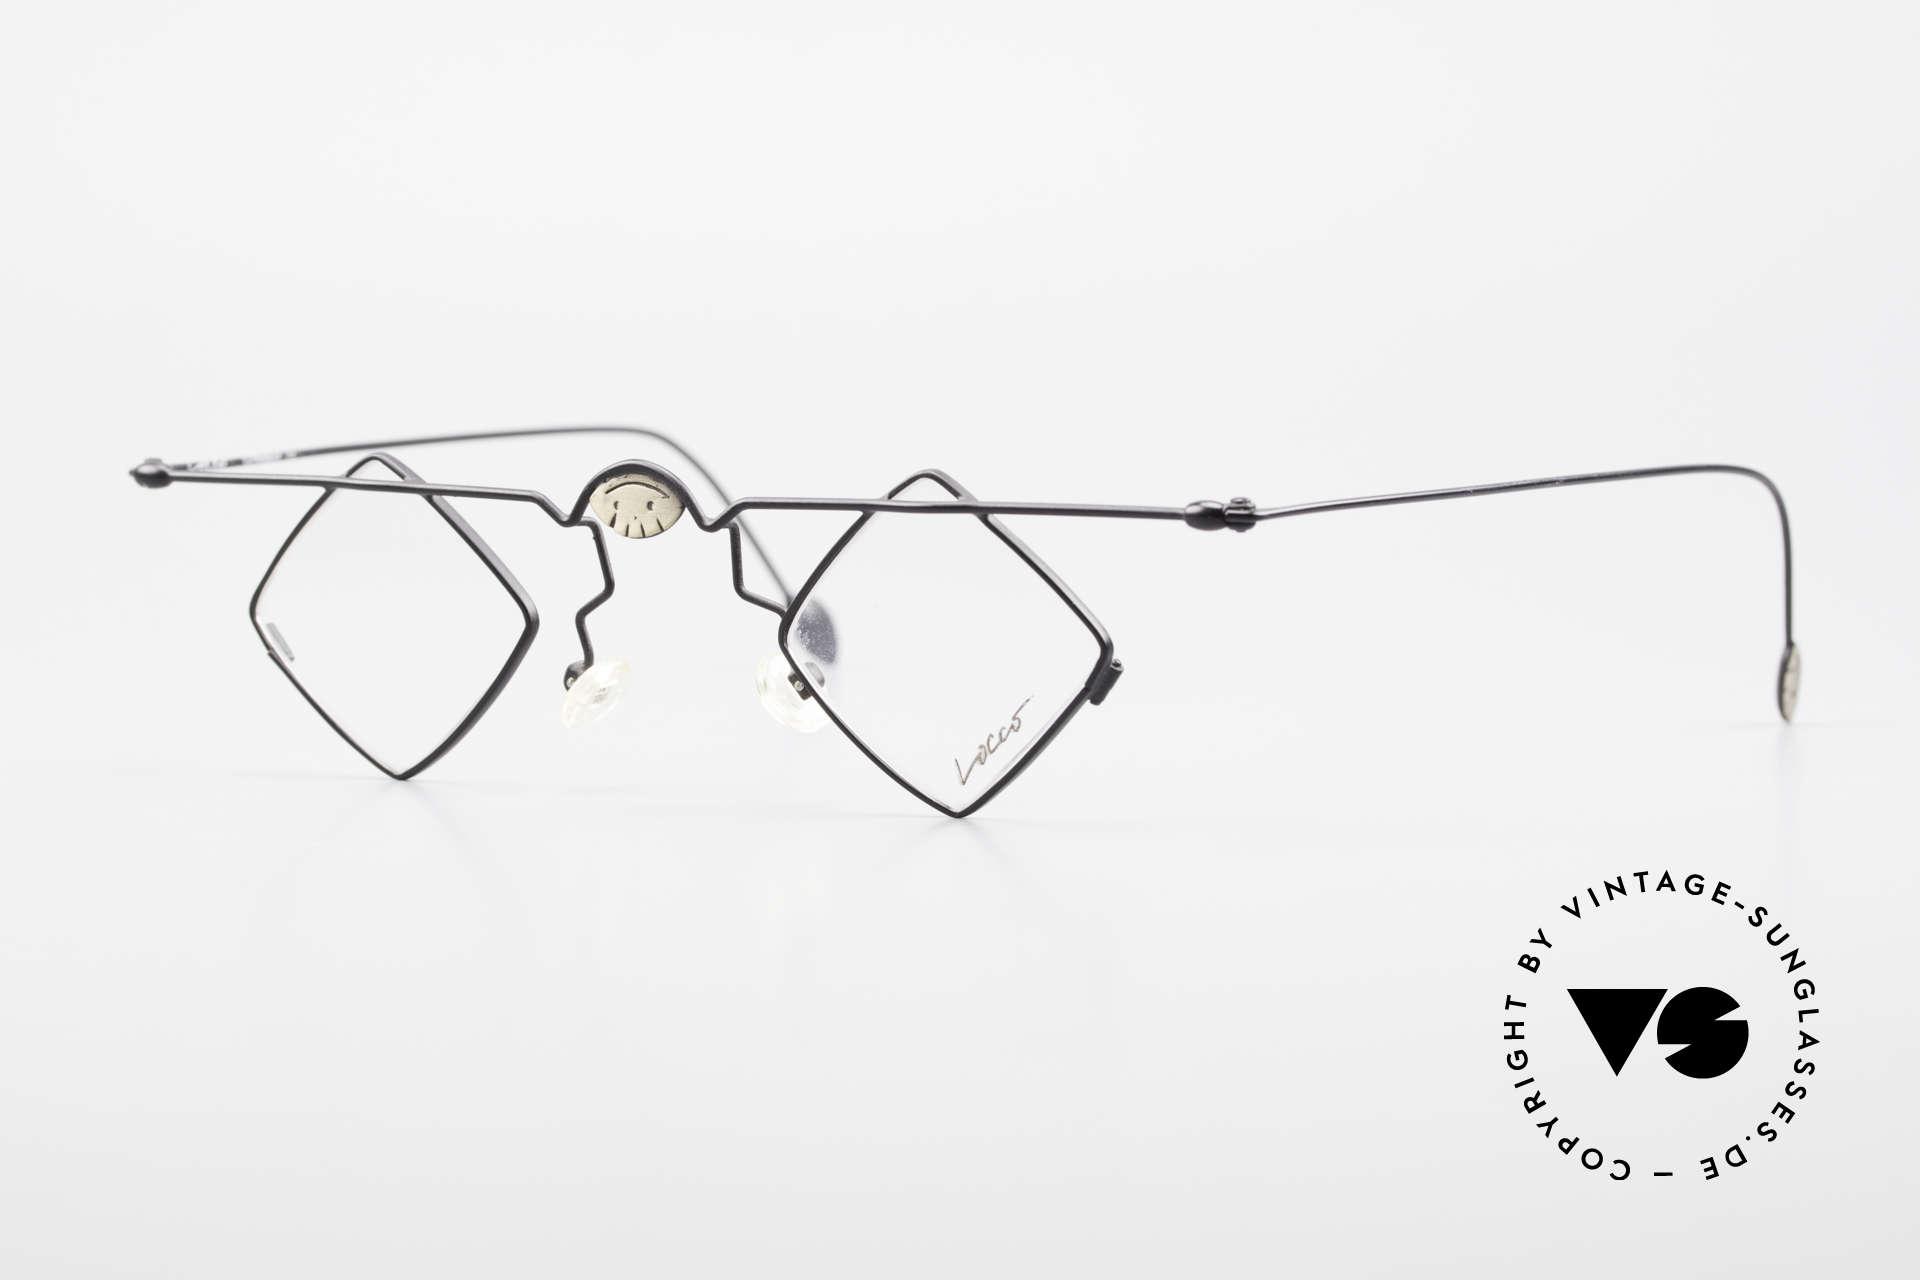 Locco 08 Gute Laune Vintage Brille 90er, gute Laune Brille mit Smileys auf Brücke und Bügeln, Passend für Herren und Damen